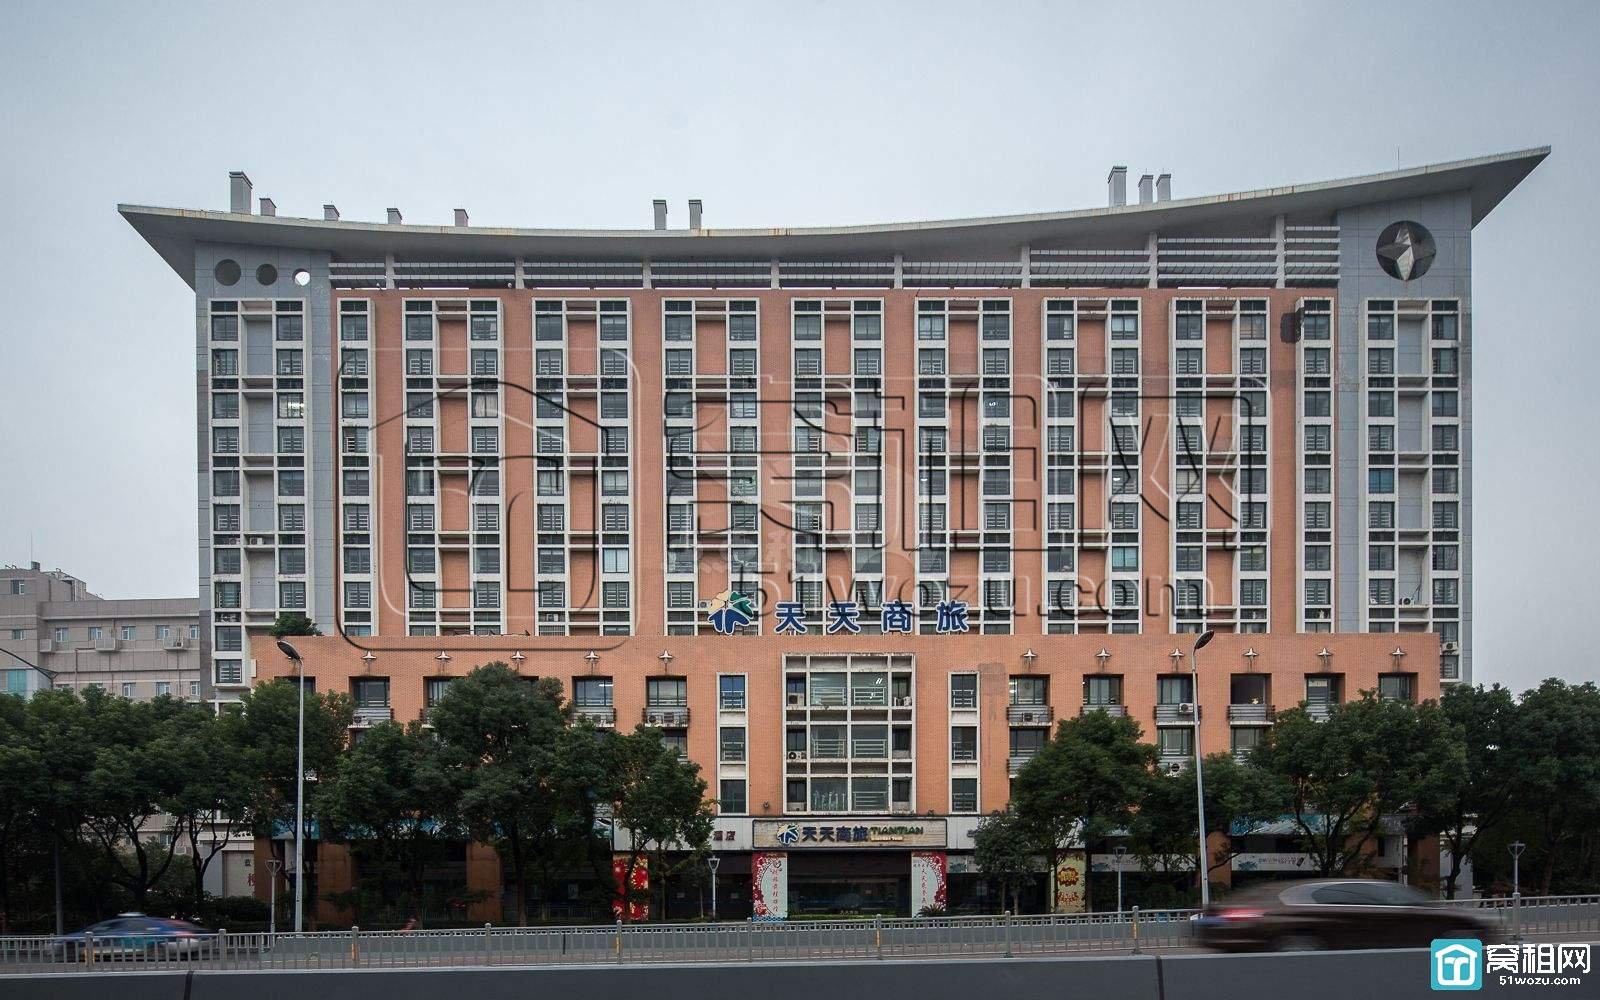 宁波市海曙区柳汀星座属于哪个街道?